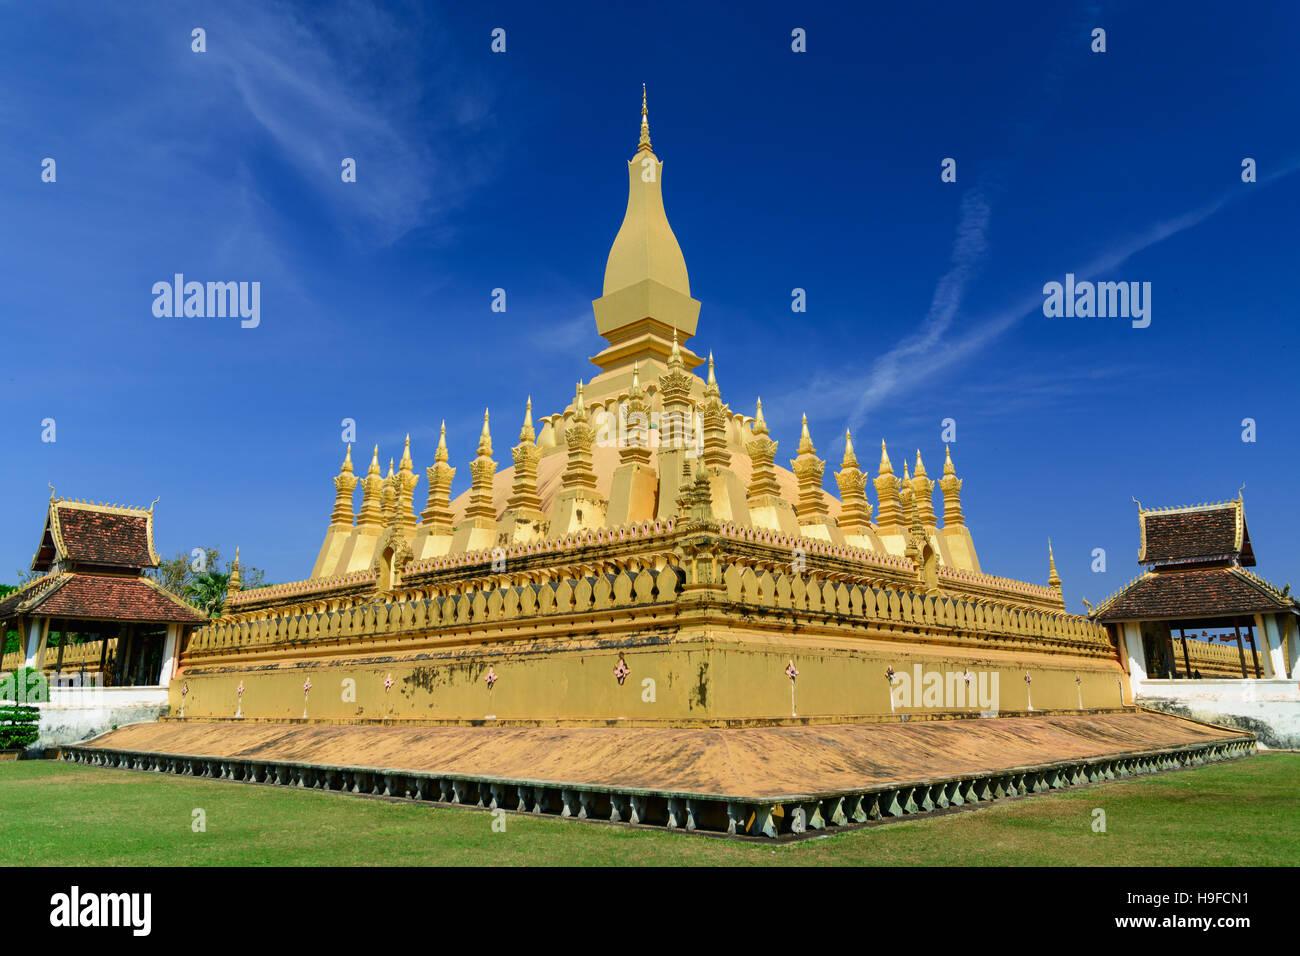 Pha That Luang Vientiane Landmarks of Vientiane, Laos. - Stock Image